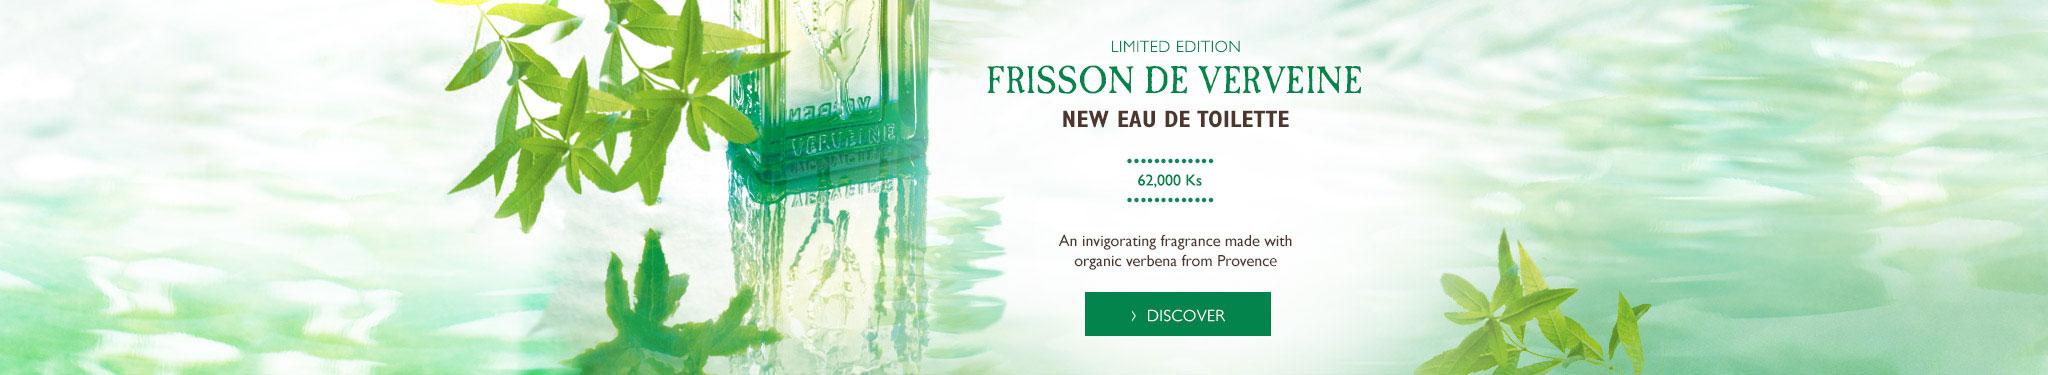 Limited Edition! FRISSON DE VERVEINE NEW EDU DE TOILETTE!